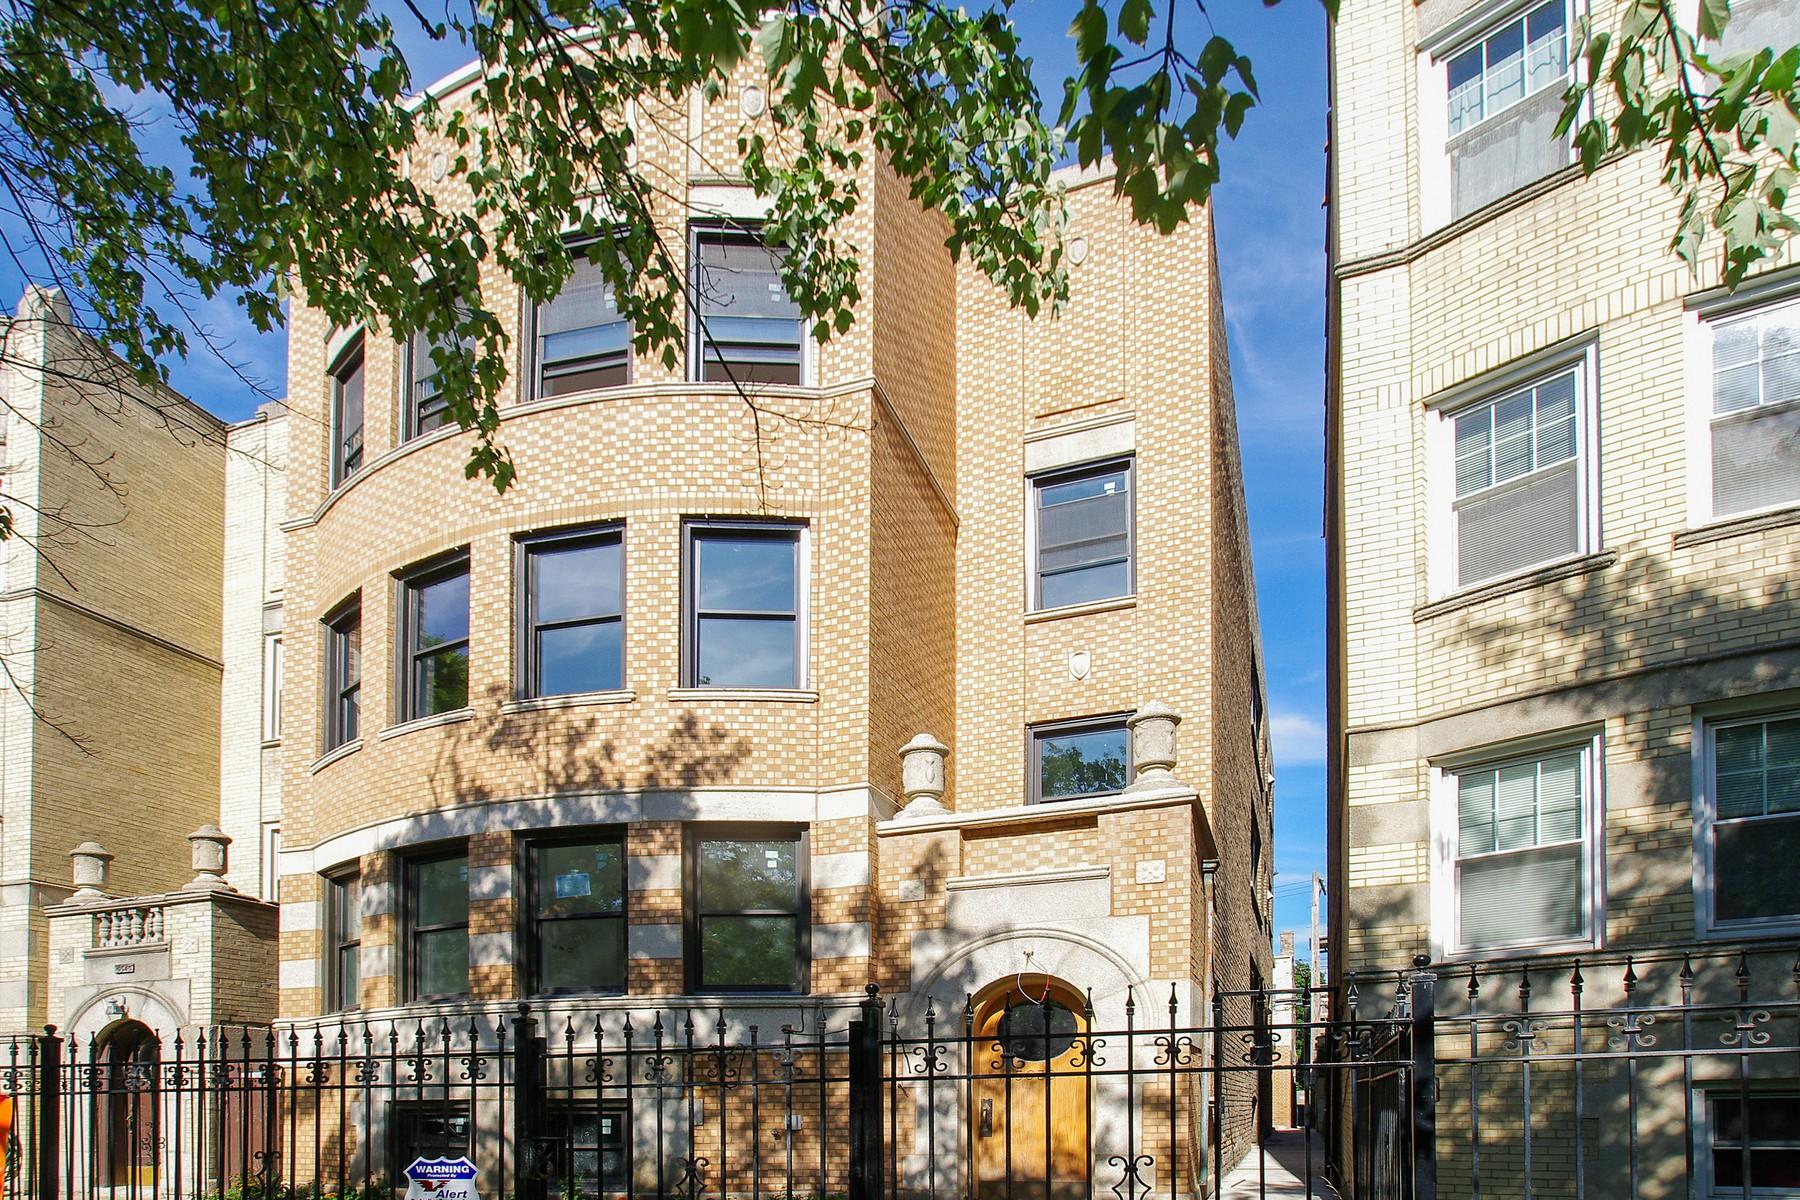 Condominio por un Venta en All New Unit in Brick 3-Flat 5639 N Christiana Avenue Unit 2 North Park, Chicago, Illinois, 60659 Estados Unidos